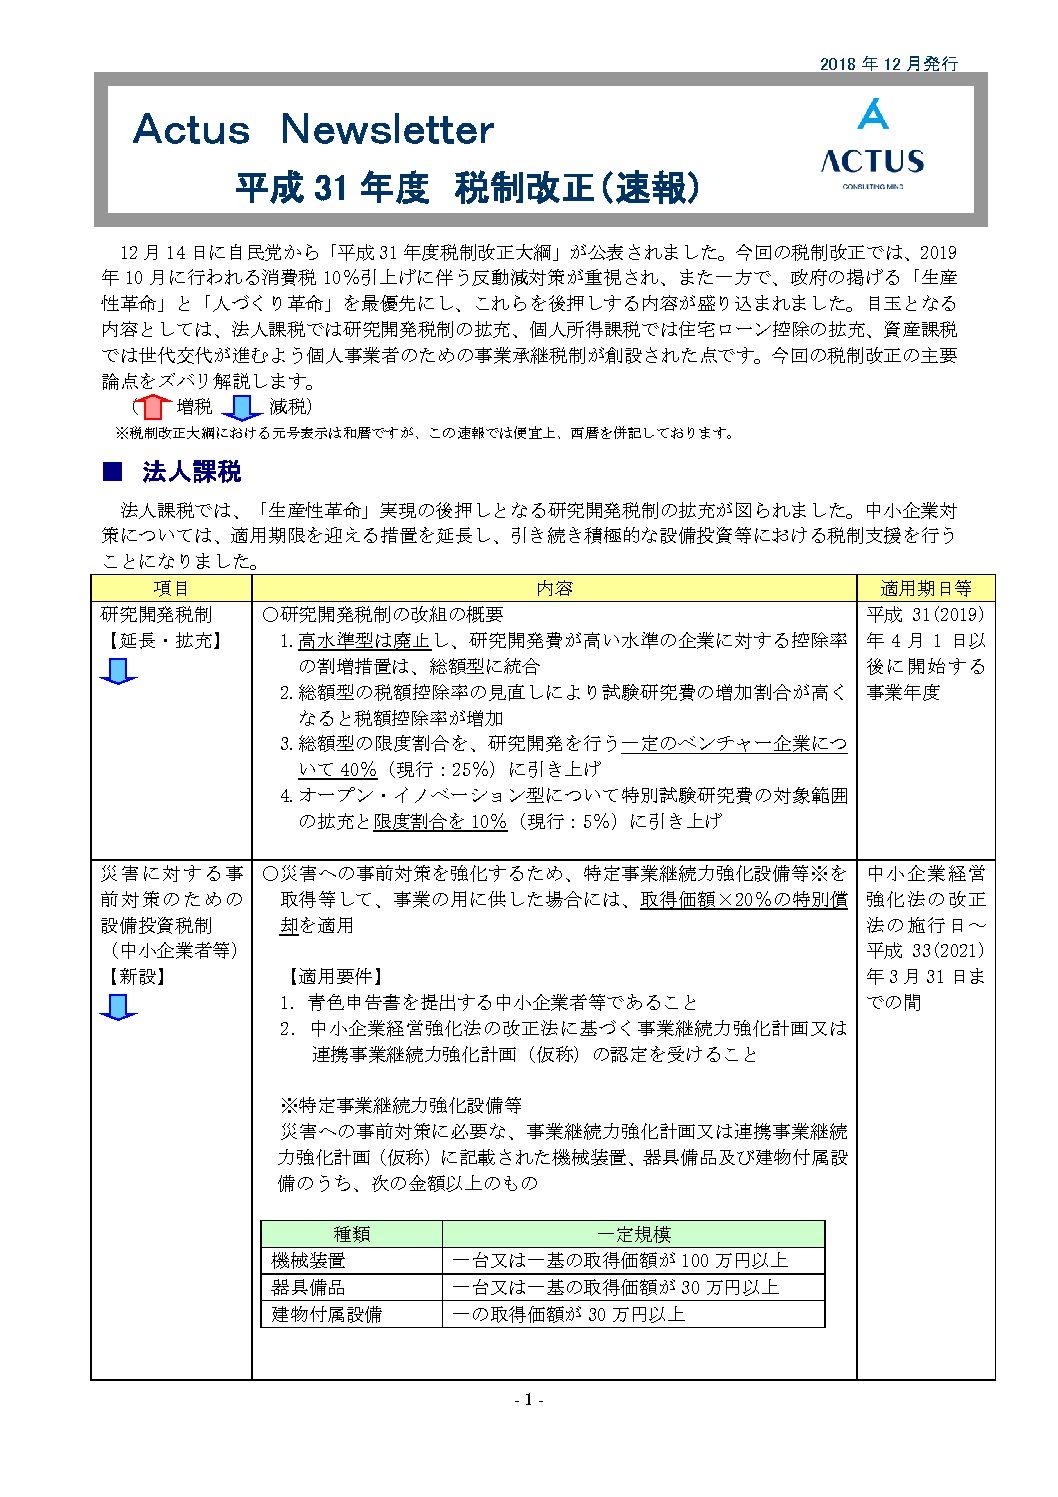 平成31年度税制改正( 速報 )